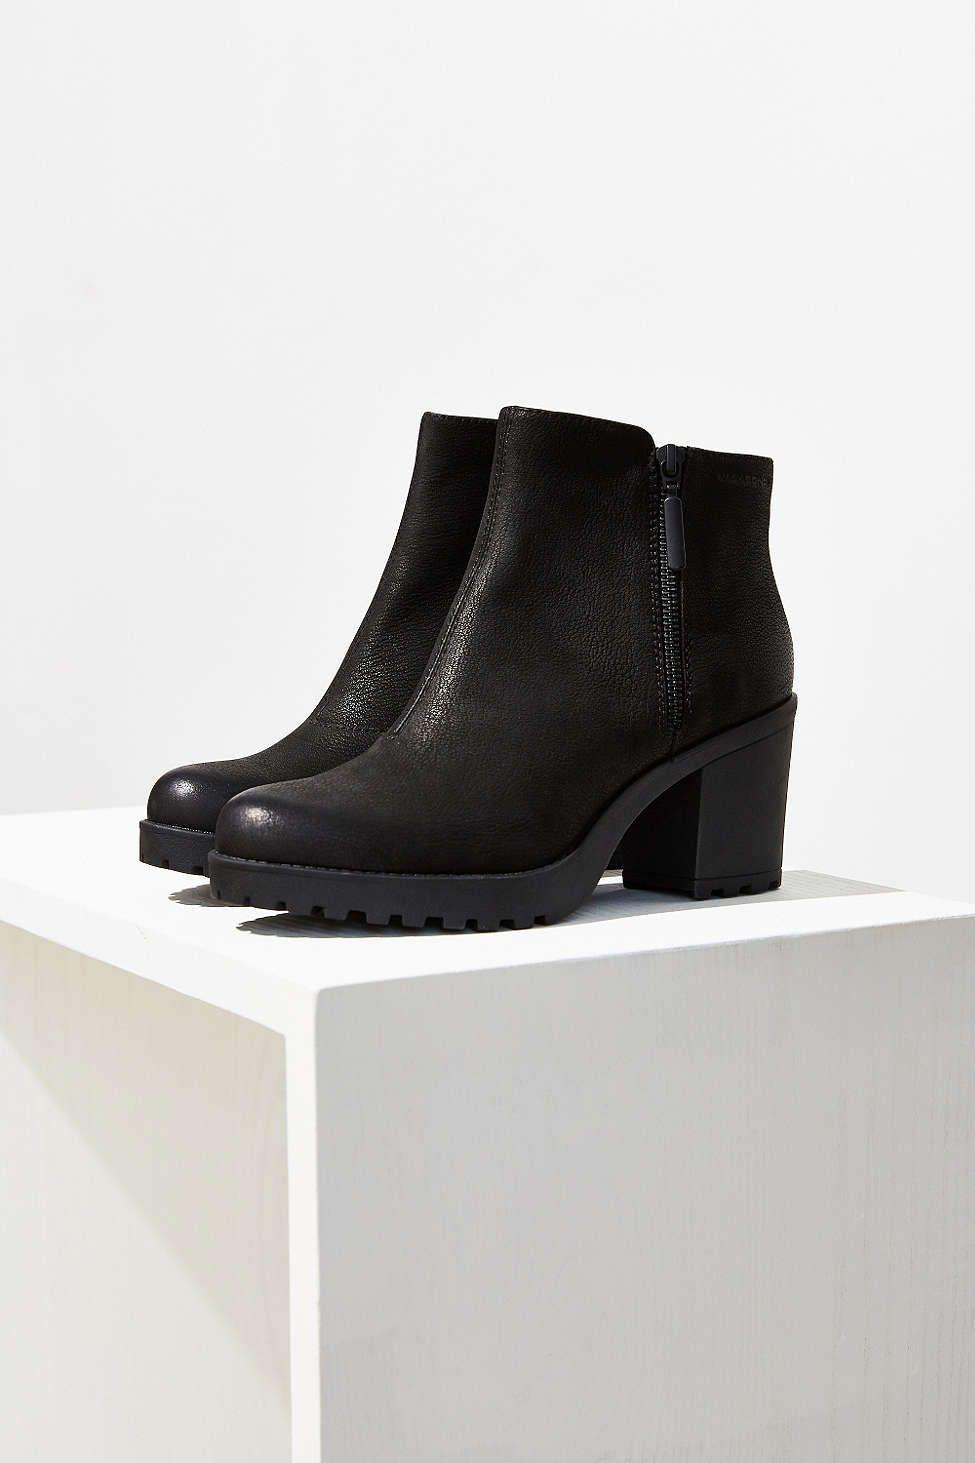 4579d9ffedd2fc Vagabond Nubuck Grace Double Zip Ankle Boot